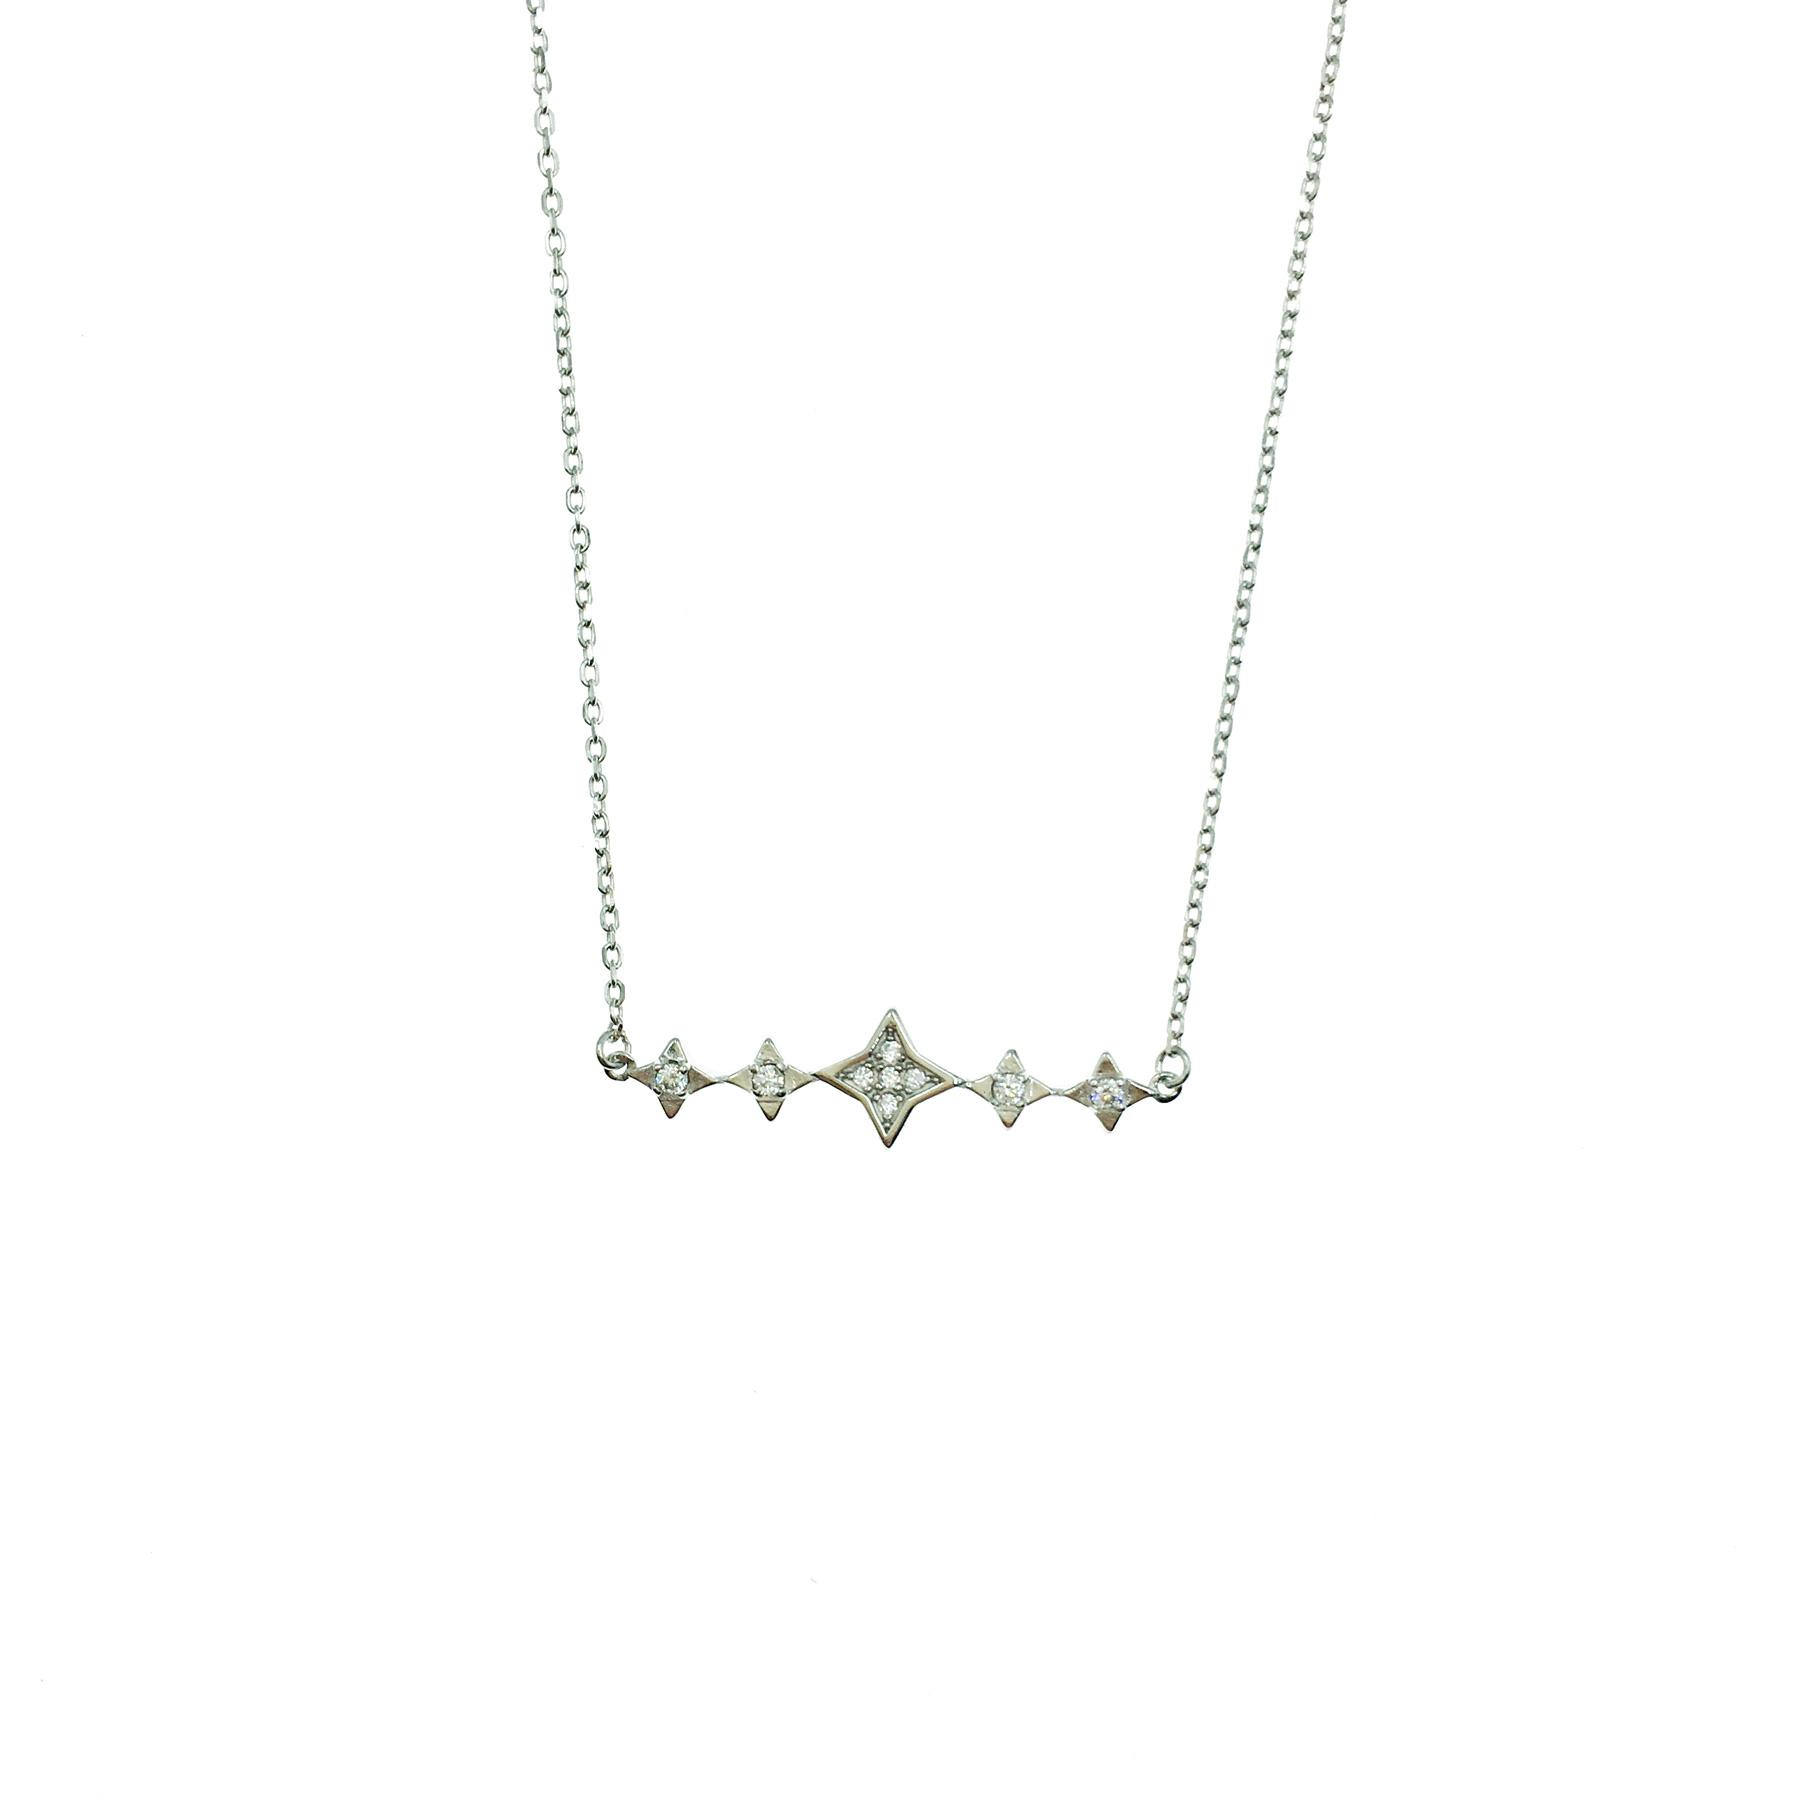 韓國 925純銀 十字星芒 五連星 簡約 水鑽質感 項鍊